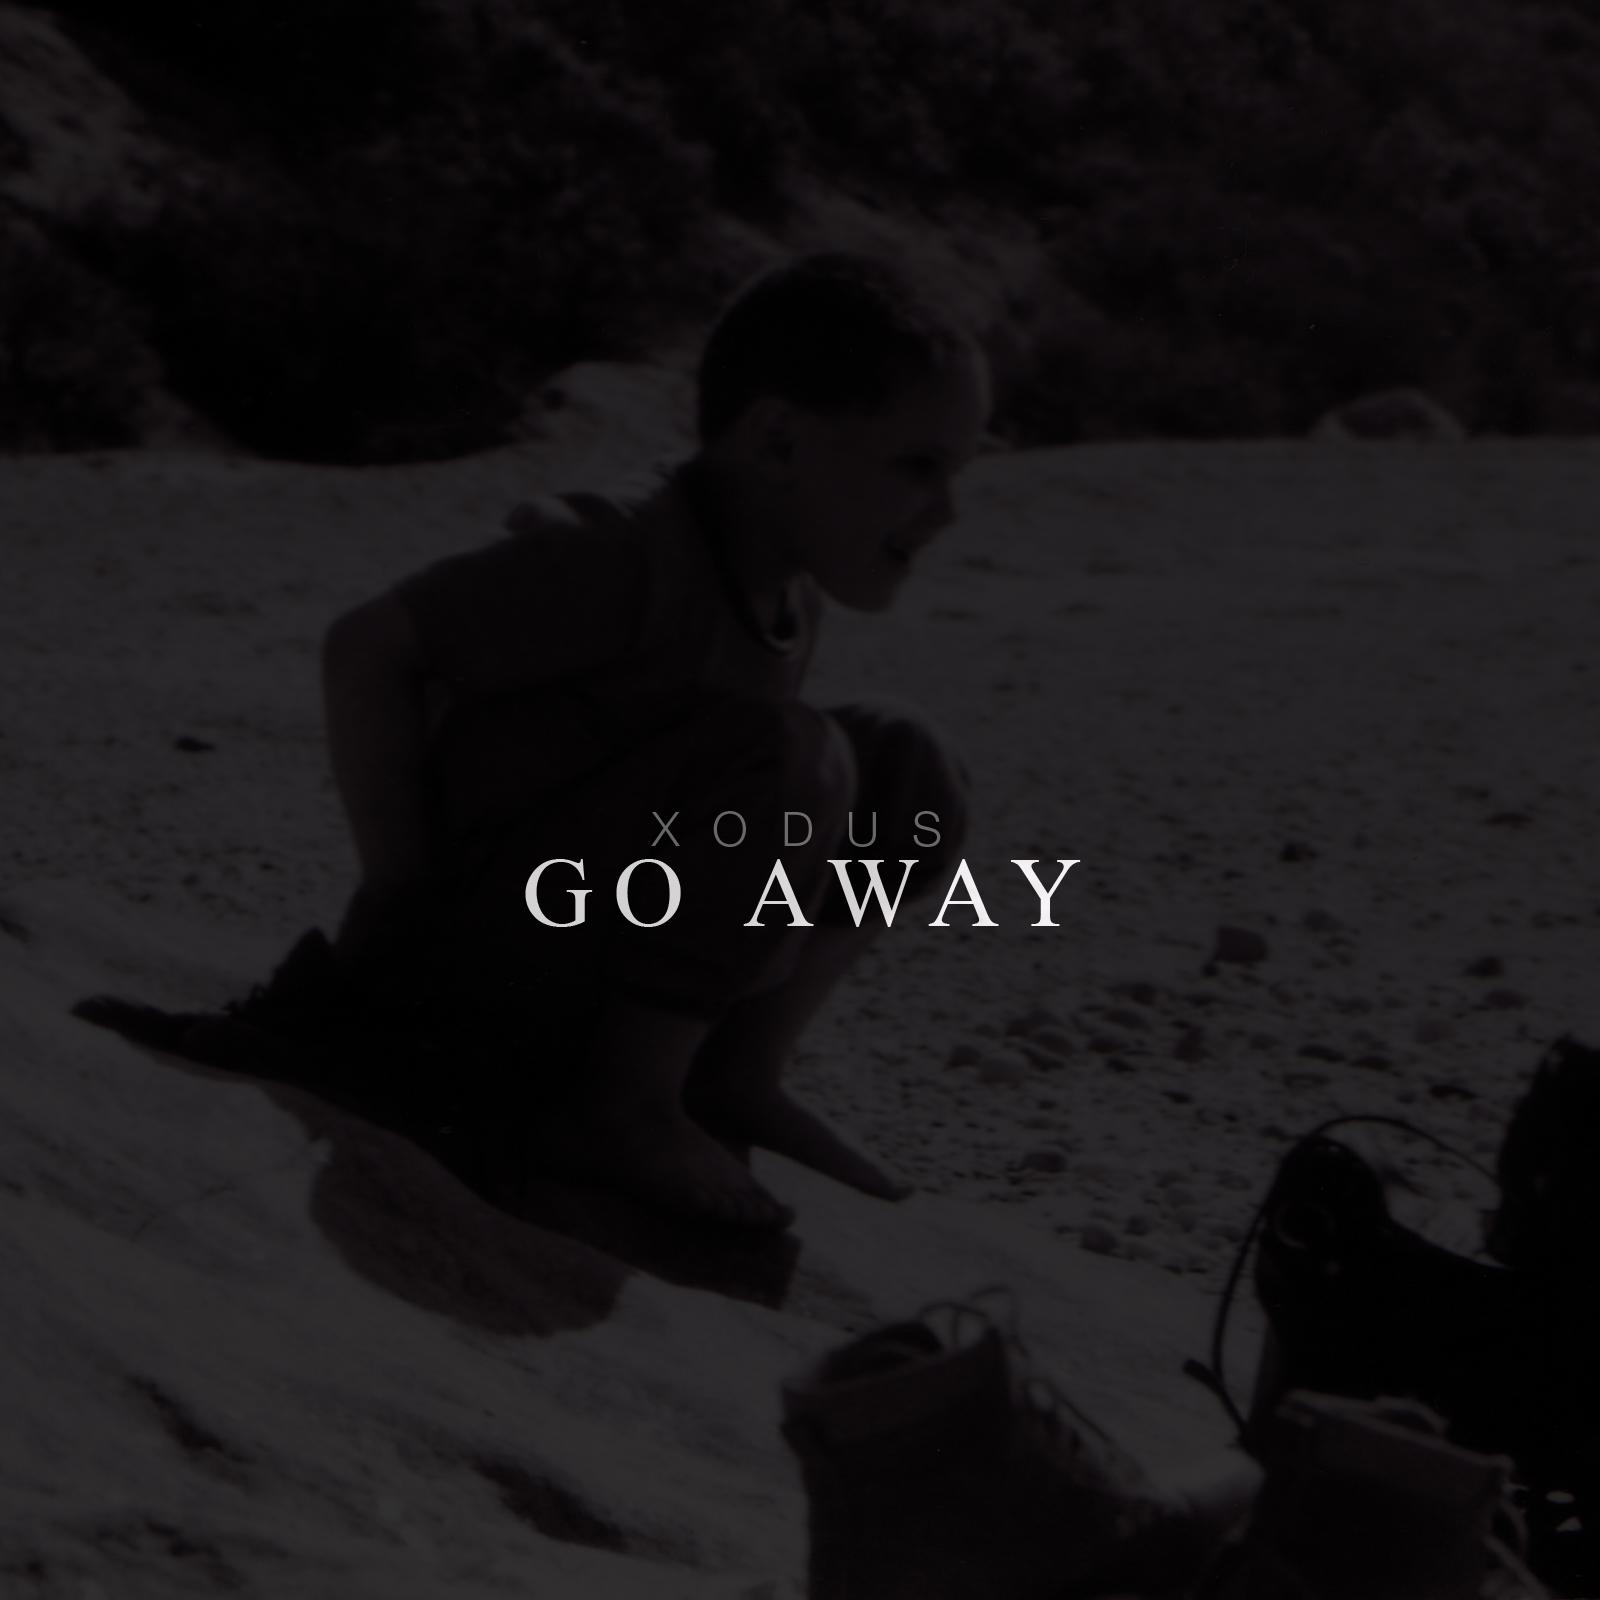 XODUS_goaway_art